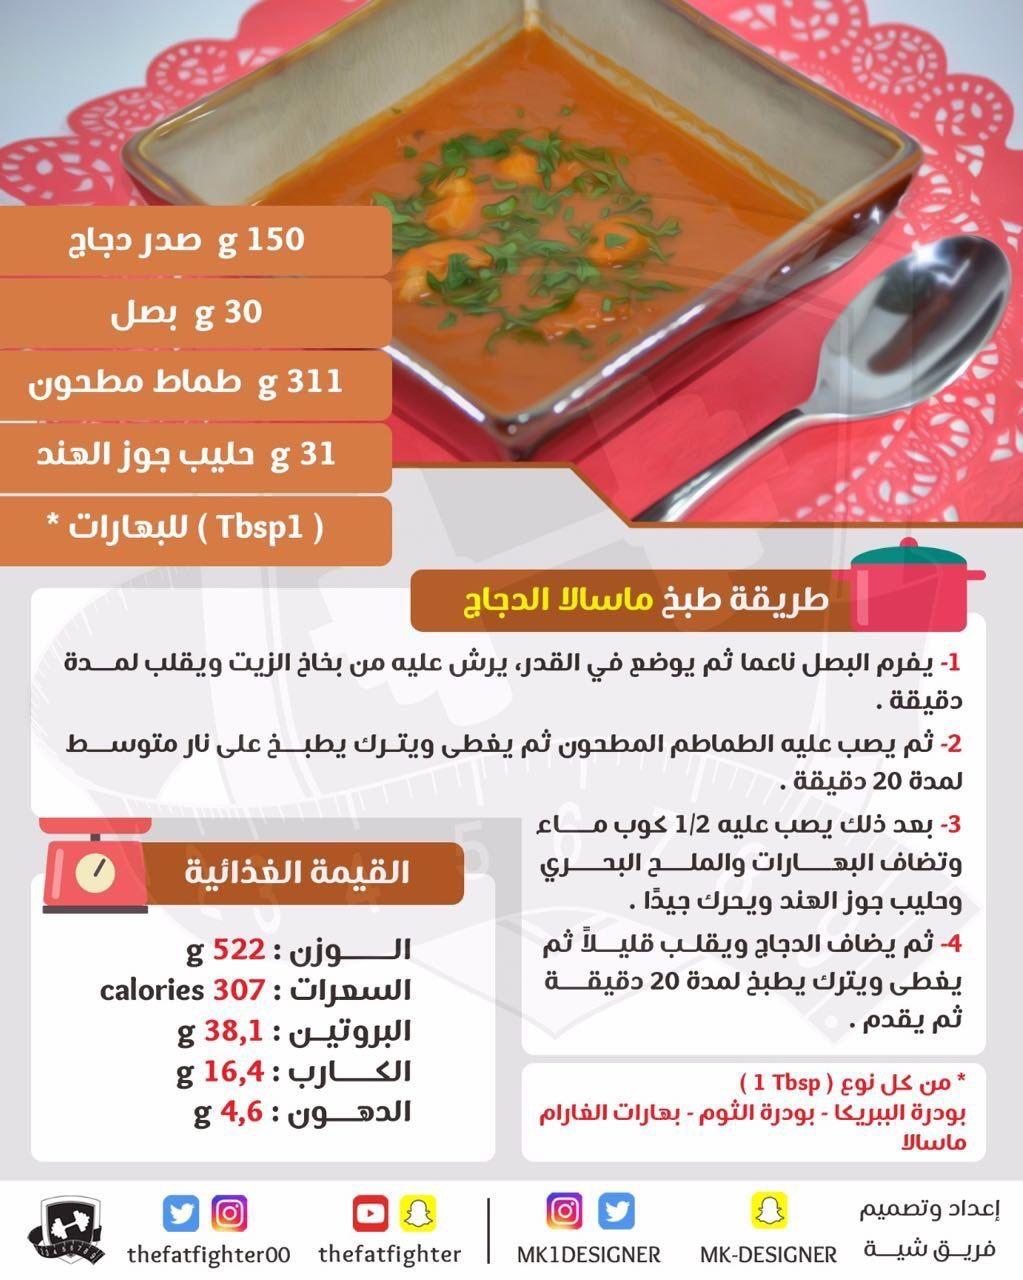 ماسالا الدجاج محسوبة السعرات الحرارية وبمكونات صحية Diet Embroidery Leaf